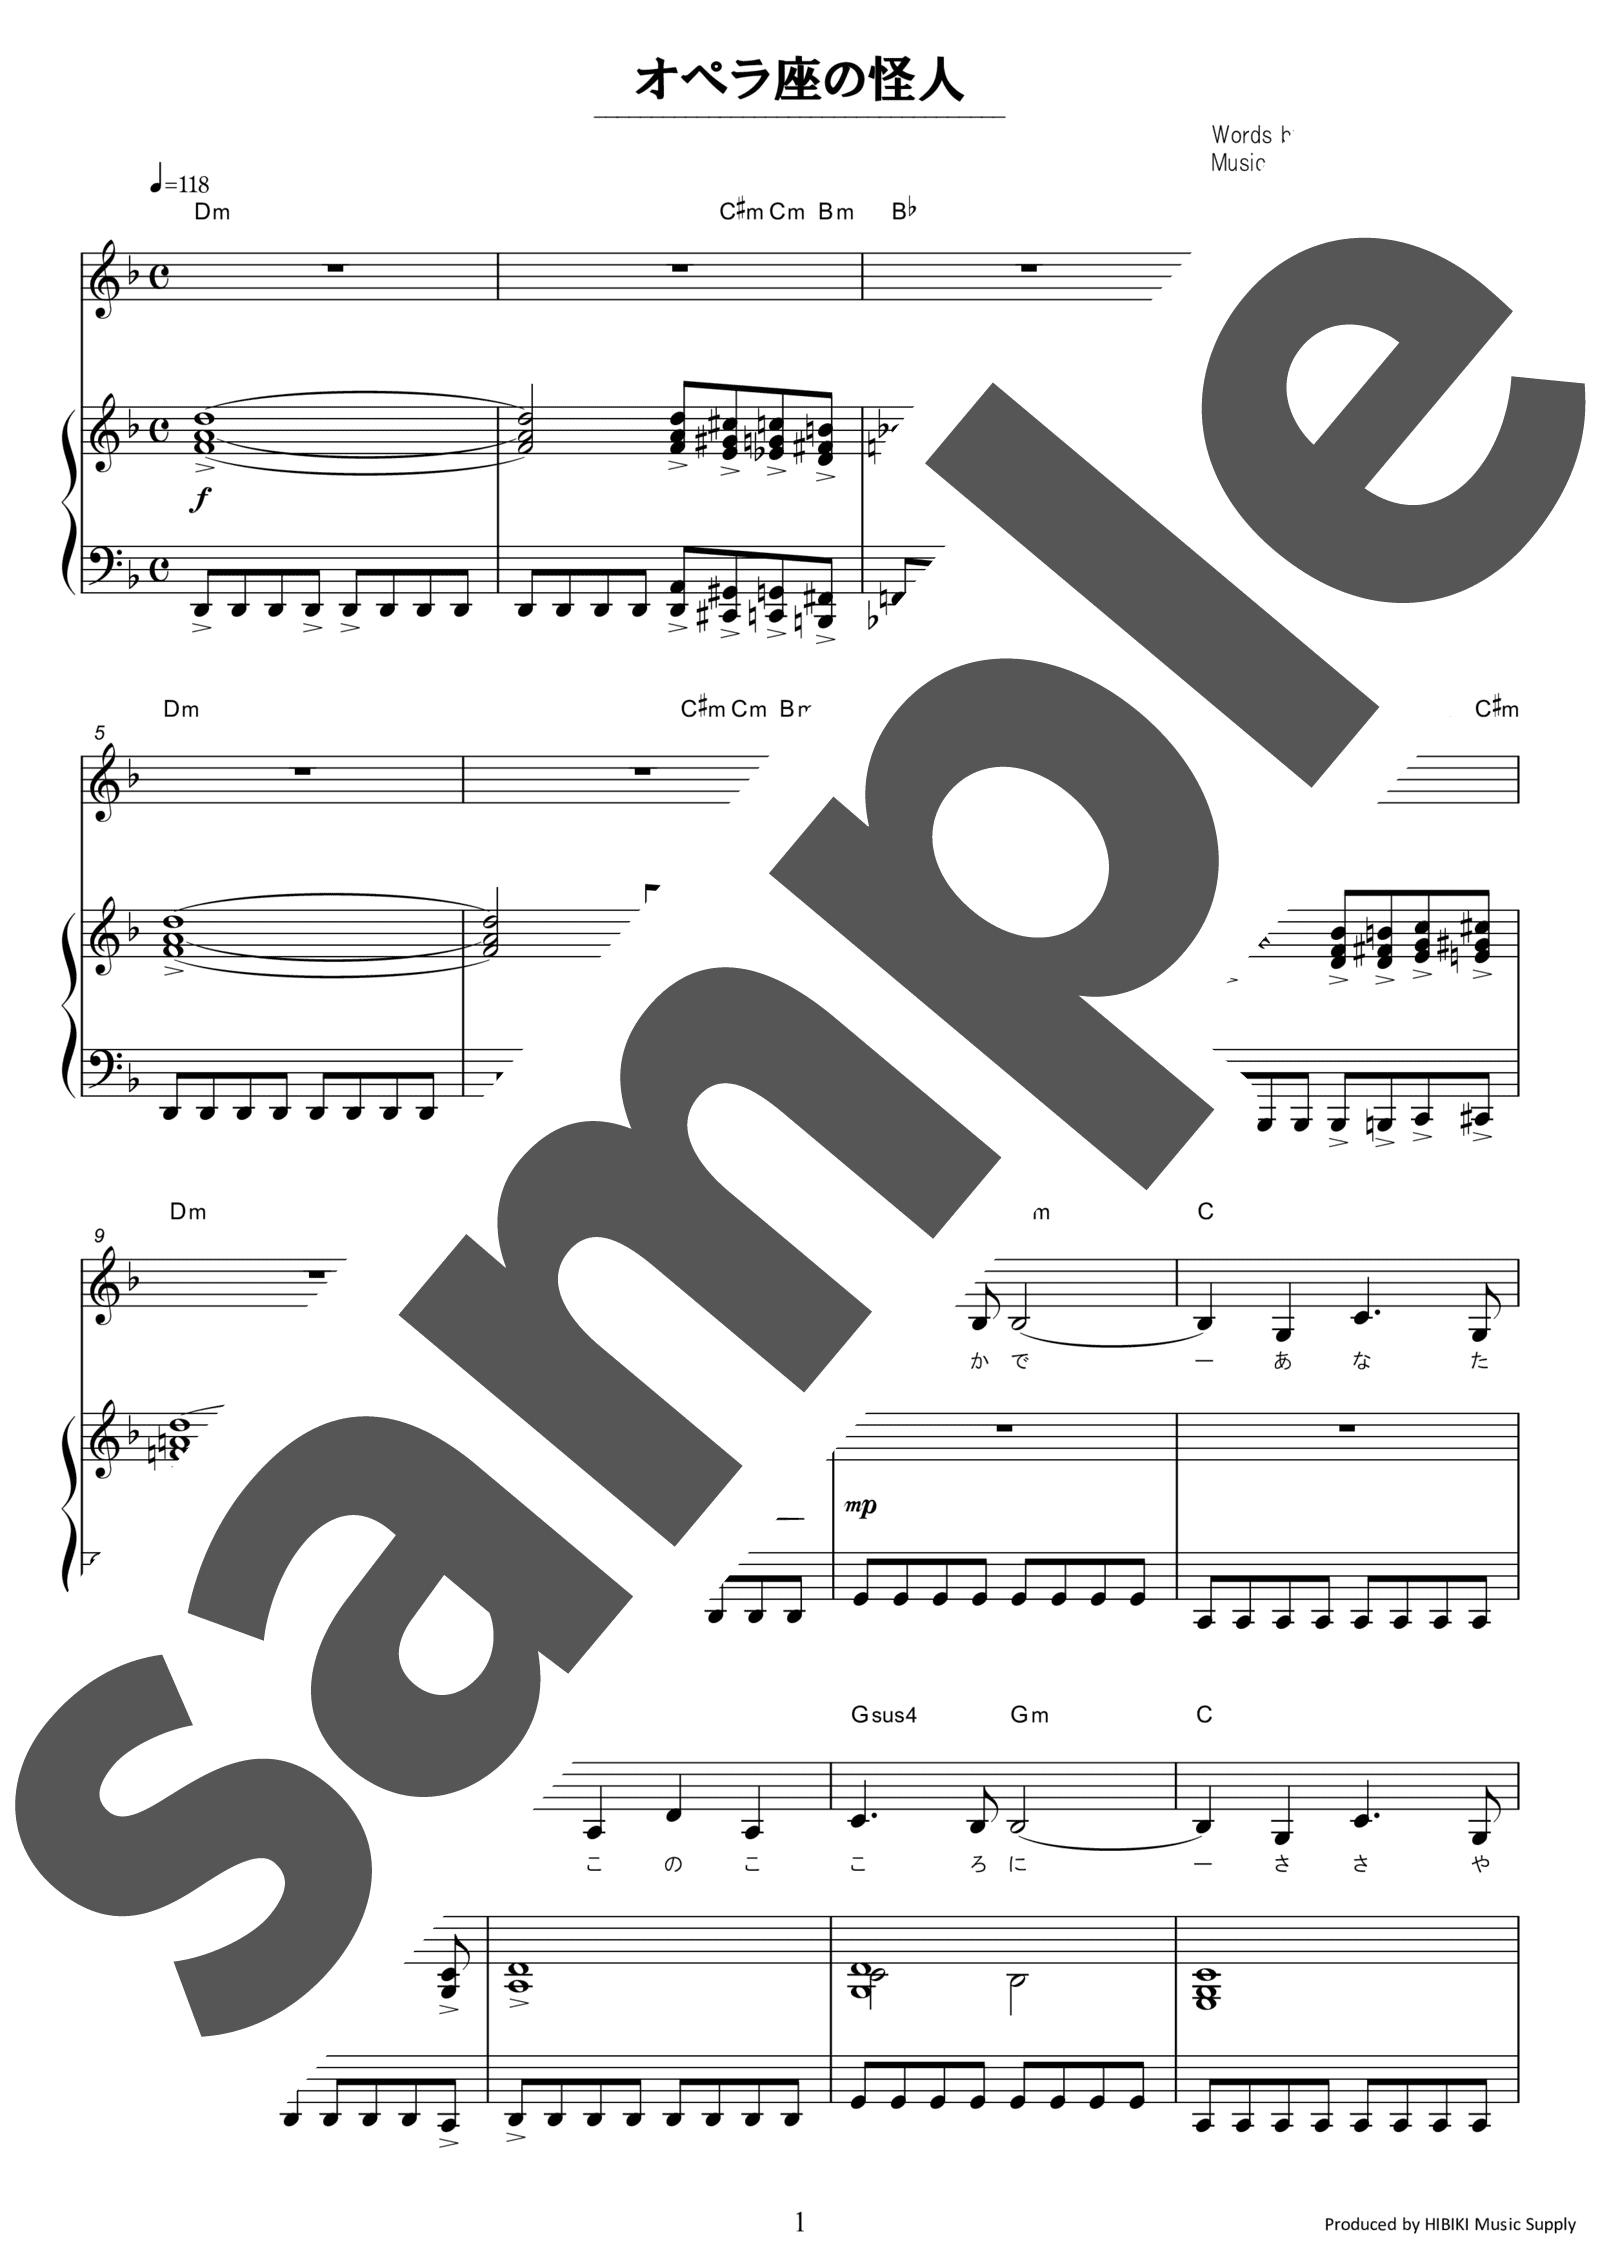 「オペラ座の怪人」のサンプル楽譜